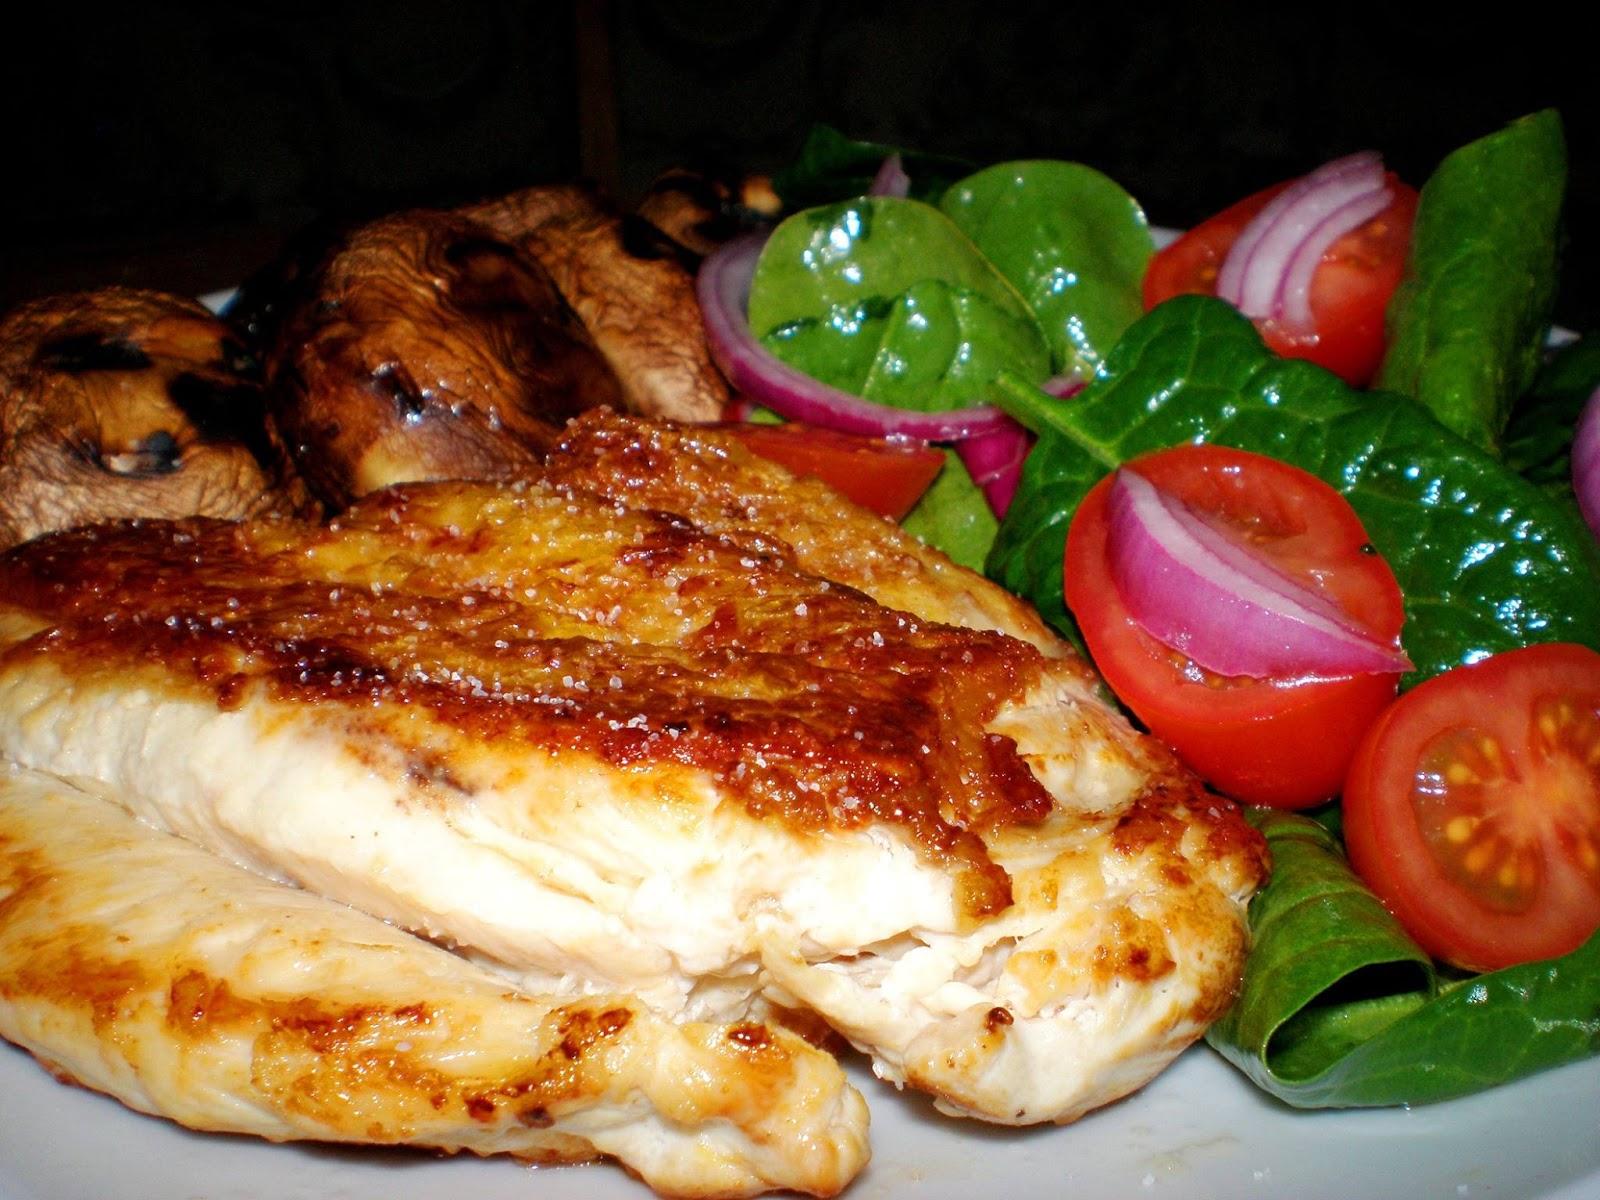 Piept de pui și ciuperci pe grill, salată de spanac